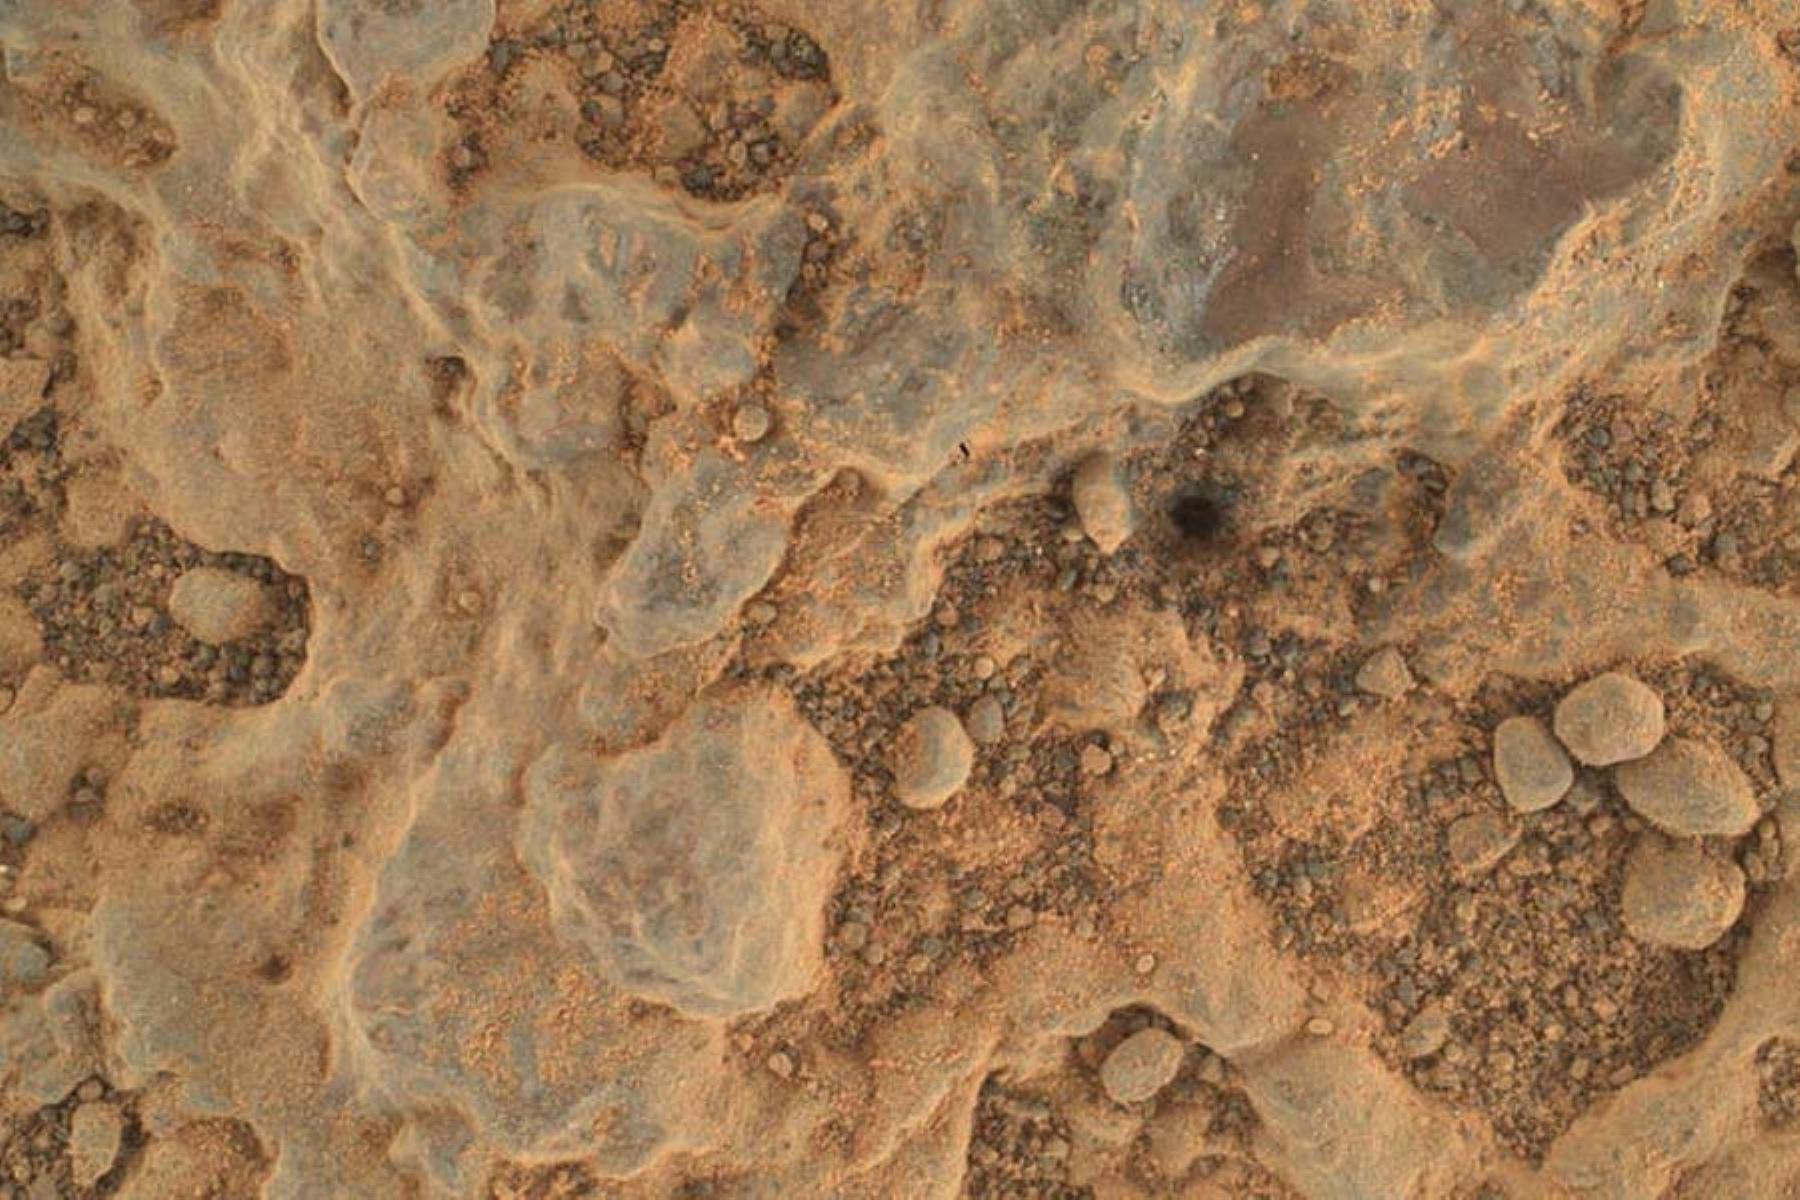 """El rover Perseverance Mars de la NASA tomó este primer plano de un objetivo rocoso apodado """"Foux"""" usando su cámara WATSON, ubicada en el extremo del brazo robótico del rover. La imagen fue tomada el 11 de julio de 2021, el día de la misión o sol número 139 marciano. Foto: NASA/JPL-Caltech/MSSS."""